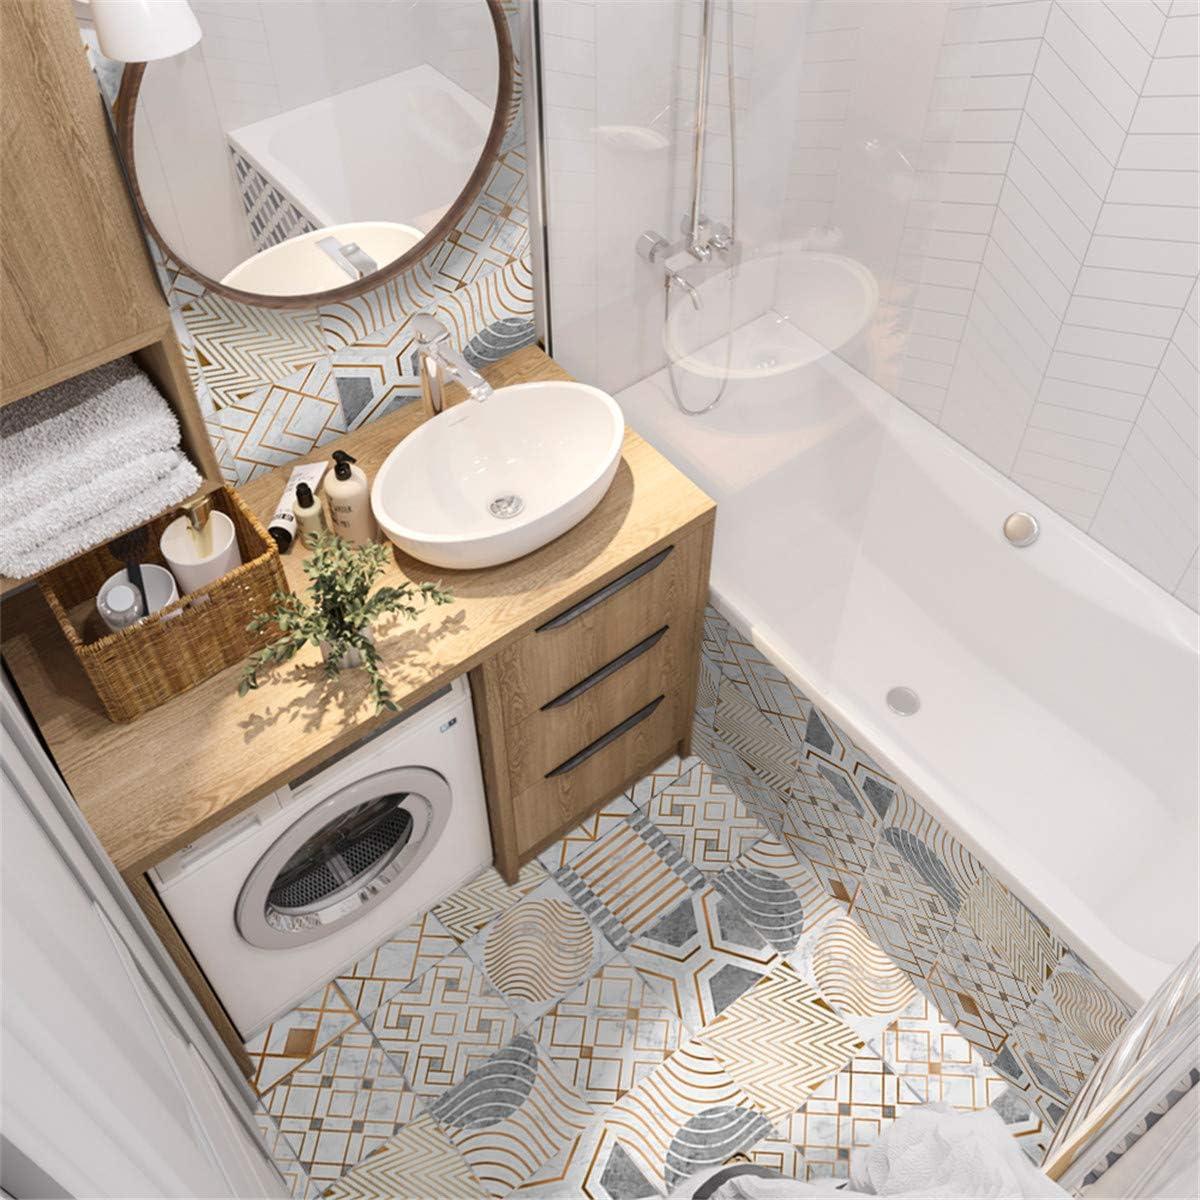 Auto-adh/ésif Imperm/éable 3D Marocain Style Adh/ésive D/écorative /à Carreaux Hiser 10 Pi/èces Stickers Carrelage pour Salle de Bain Cuisine E,10x10cm